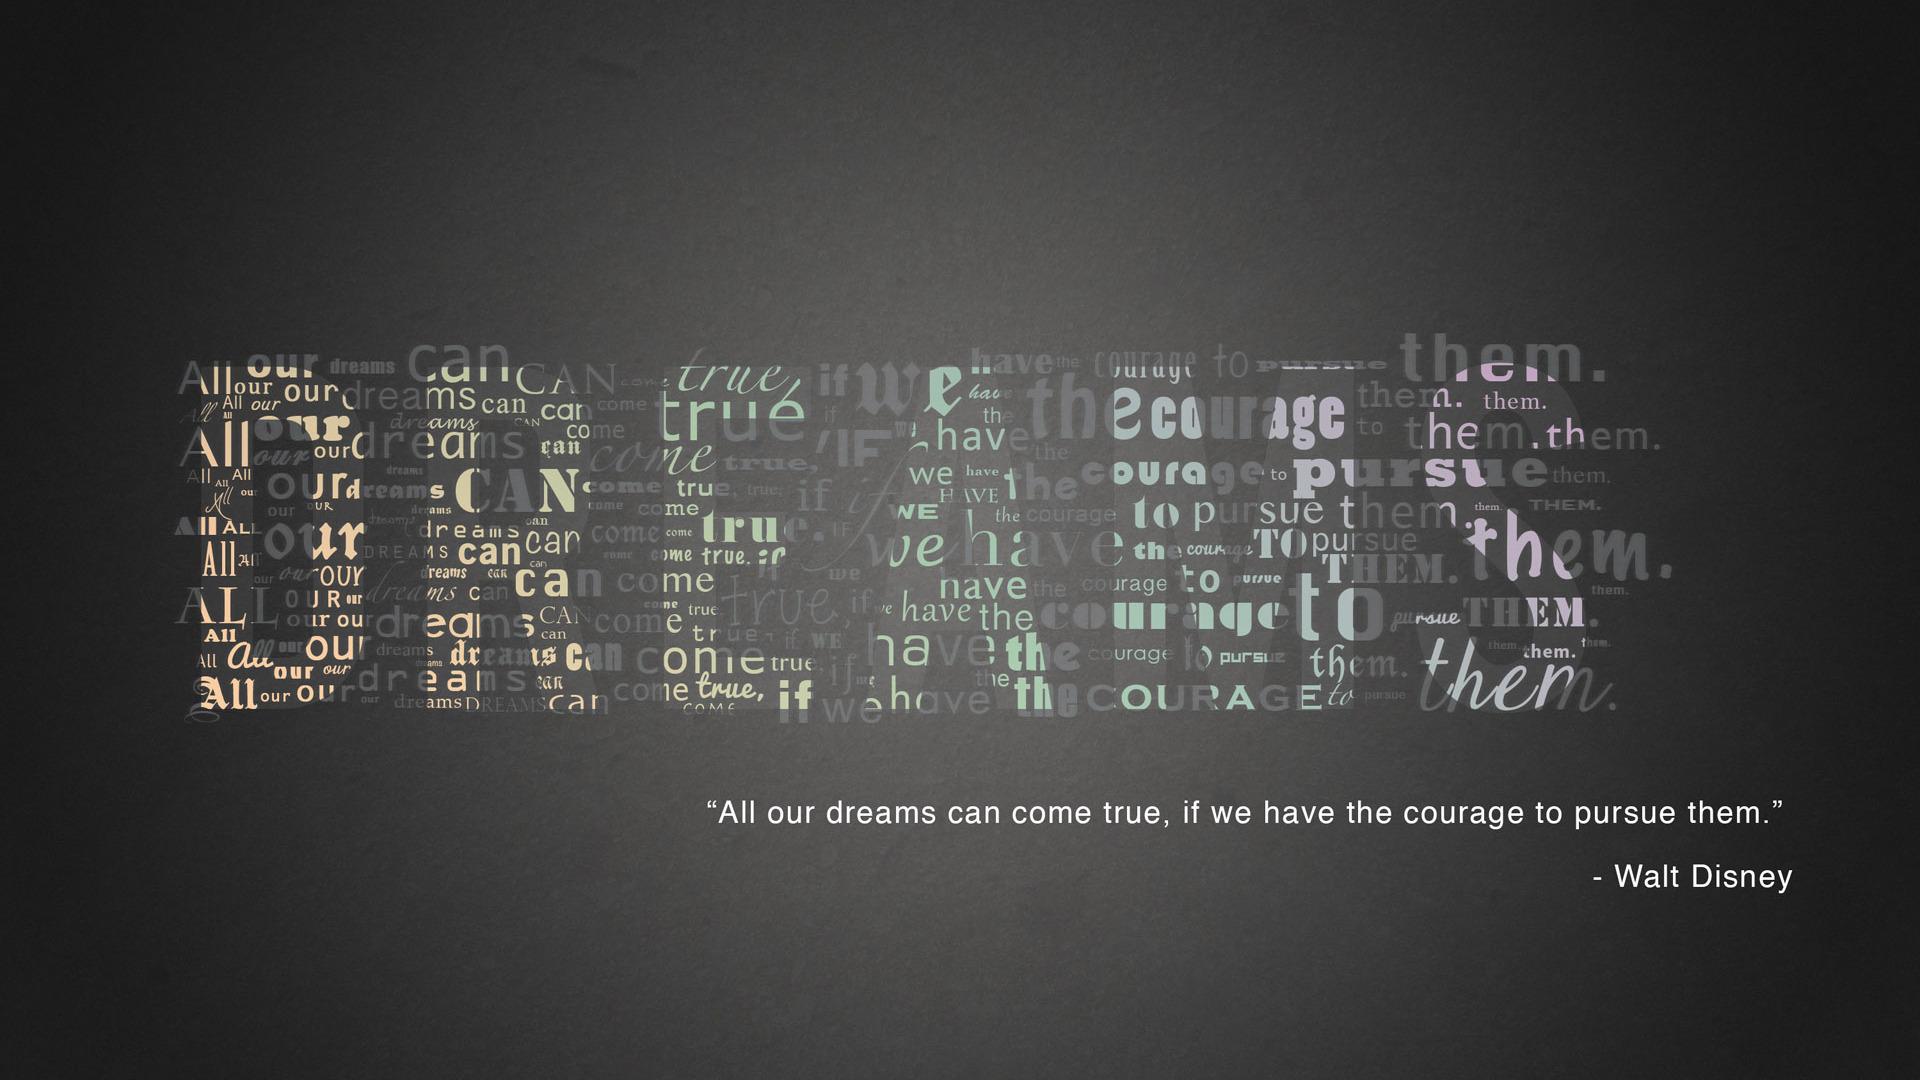 Walt Disney quote Wallpaper 9802 1920x1080